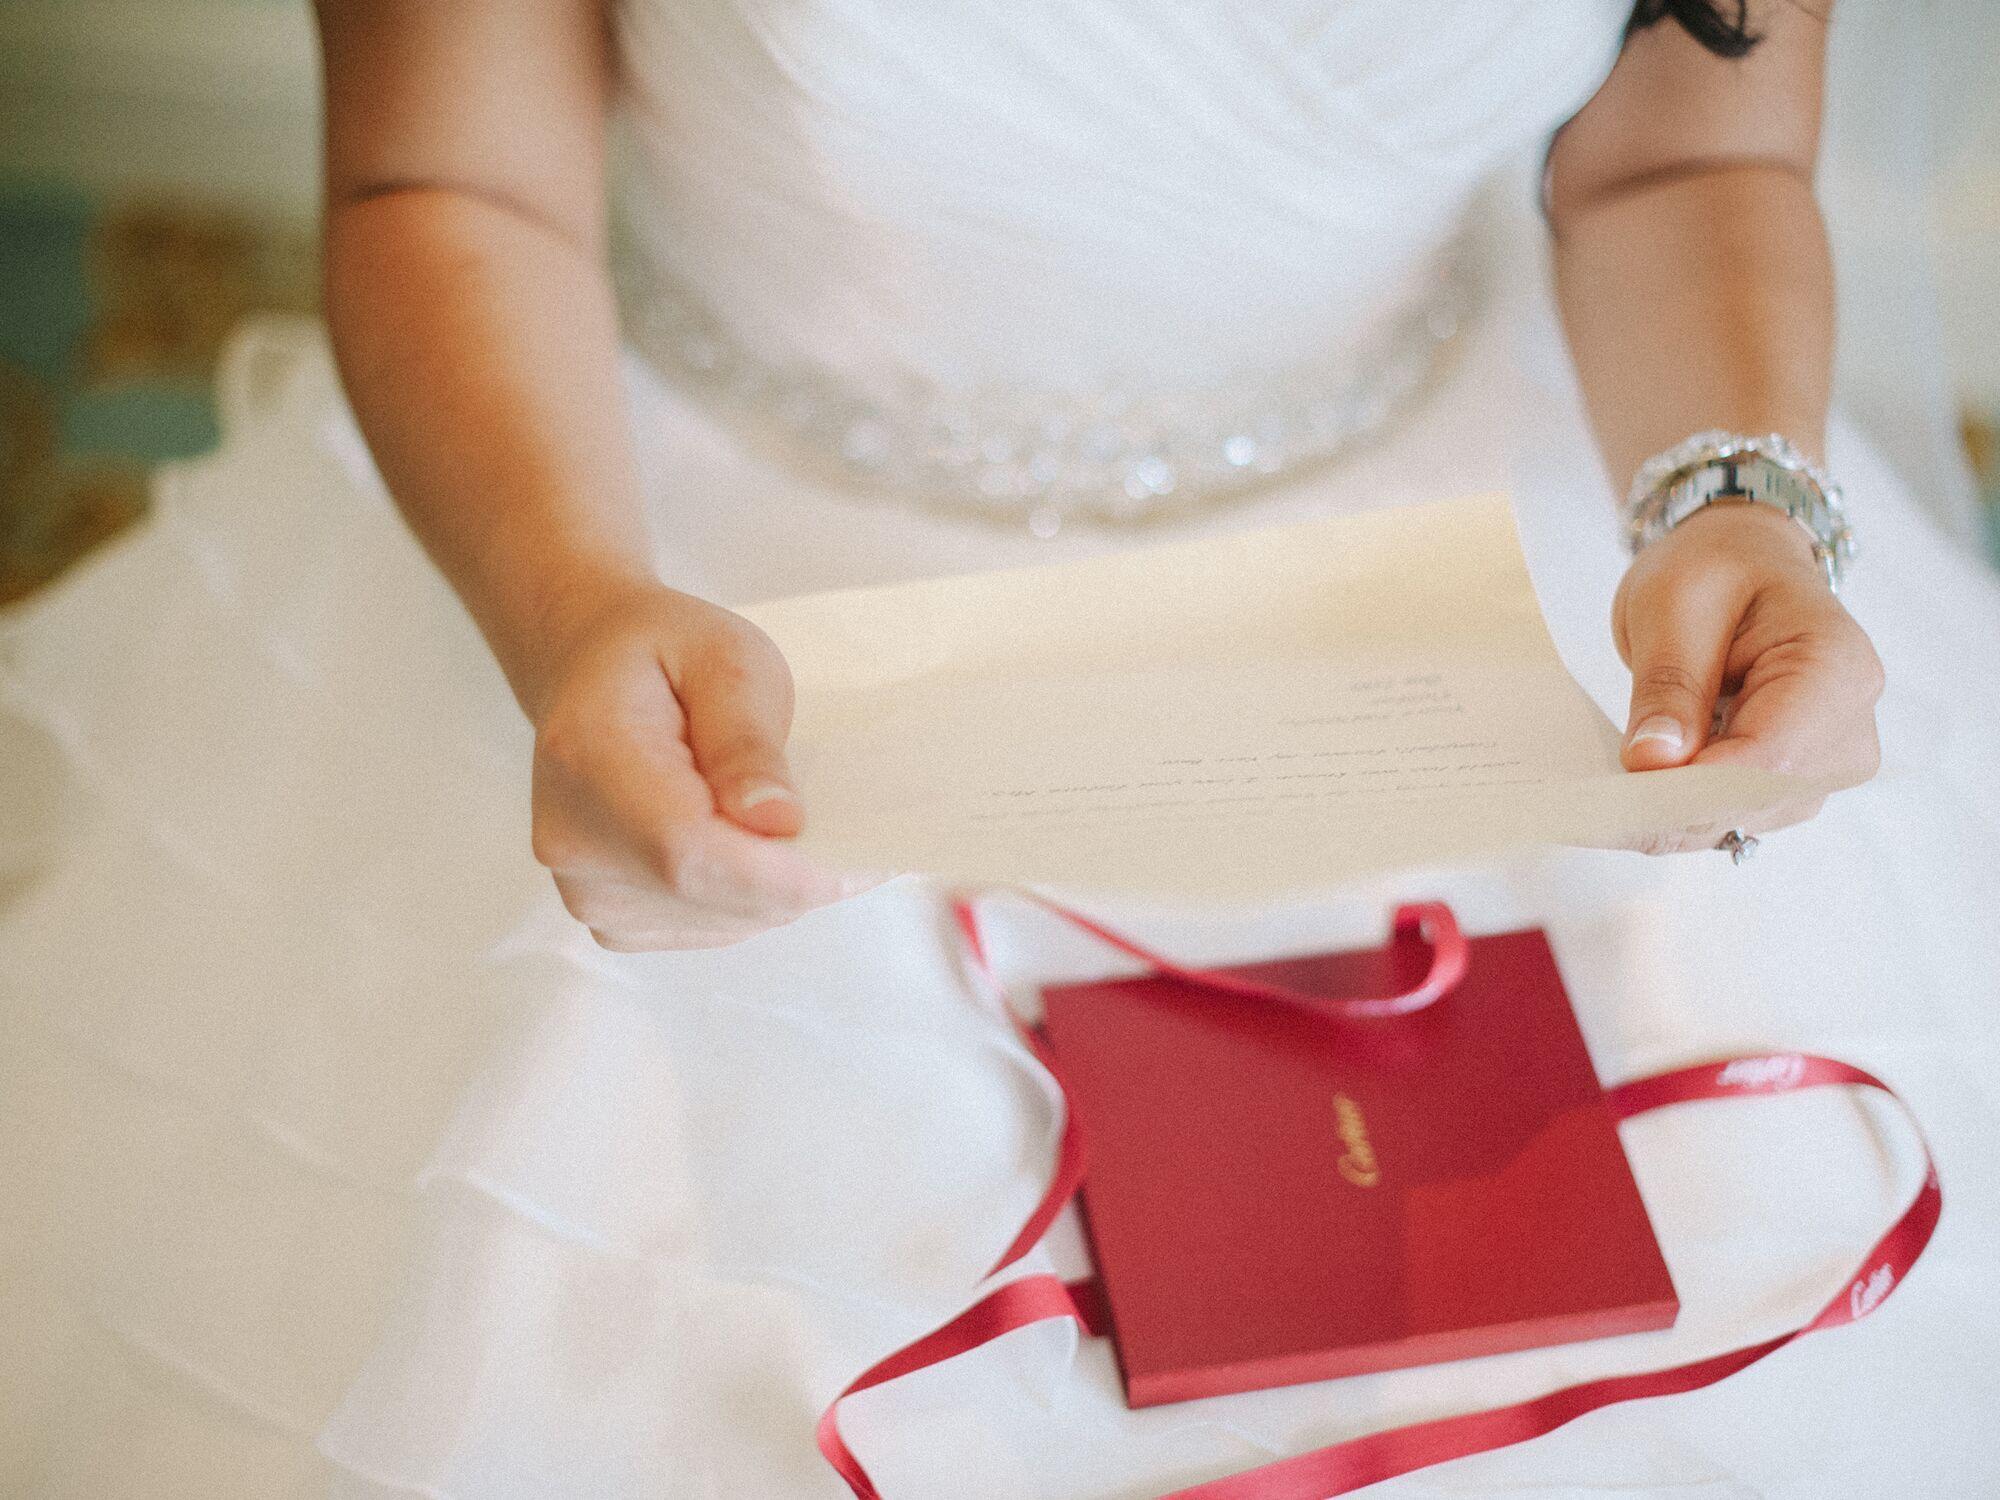 Bride And Groom Wedding Gift Exchange